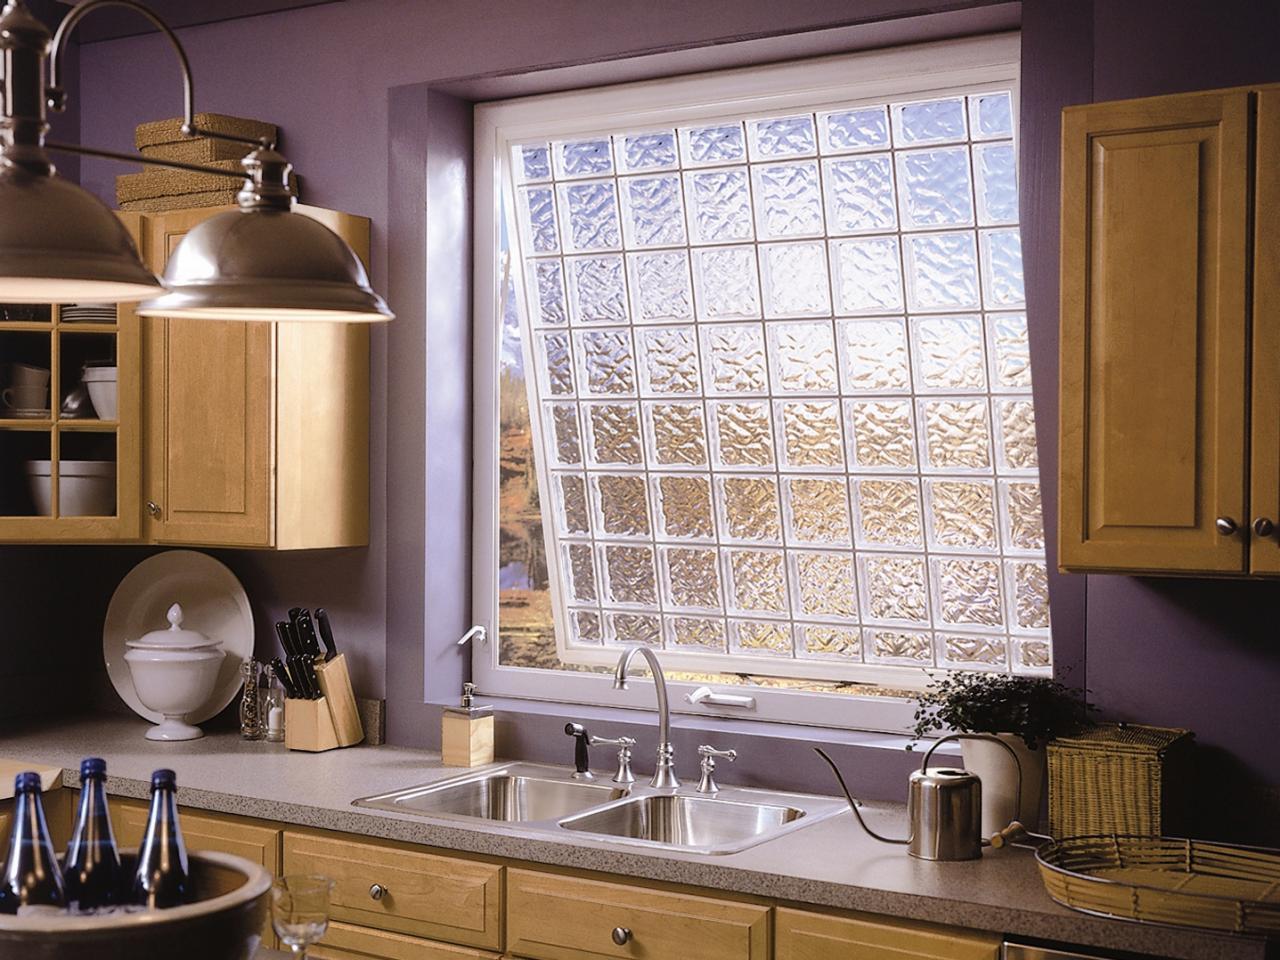 Дизайн кухонного окна